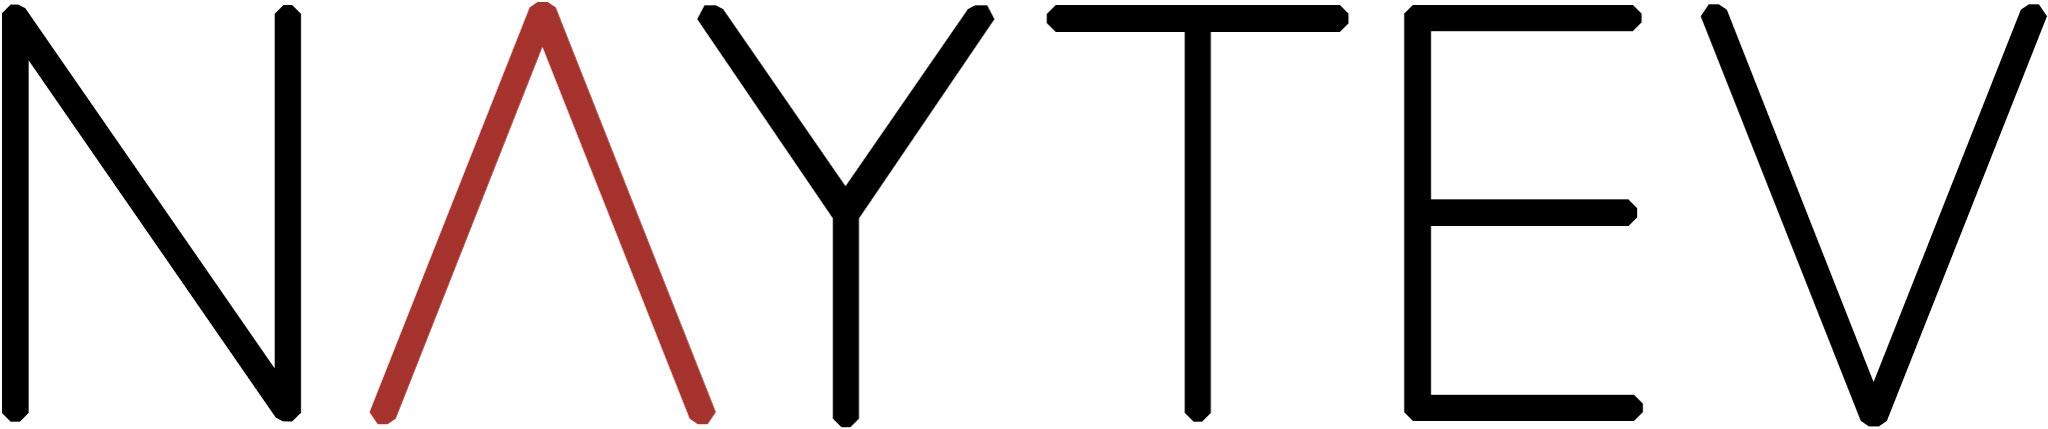 Naytev